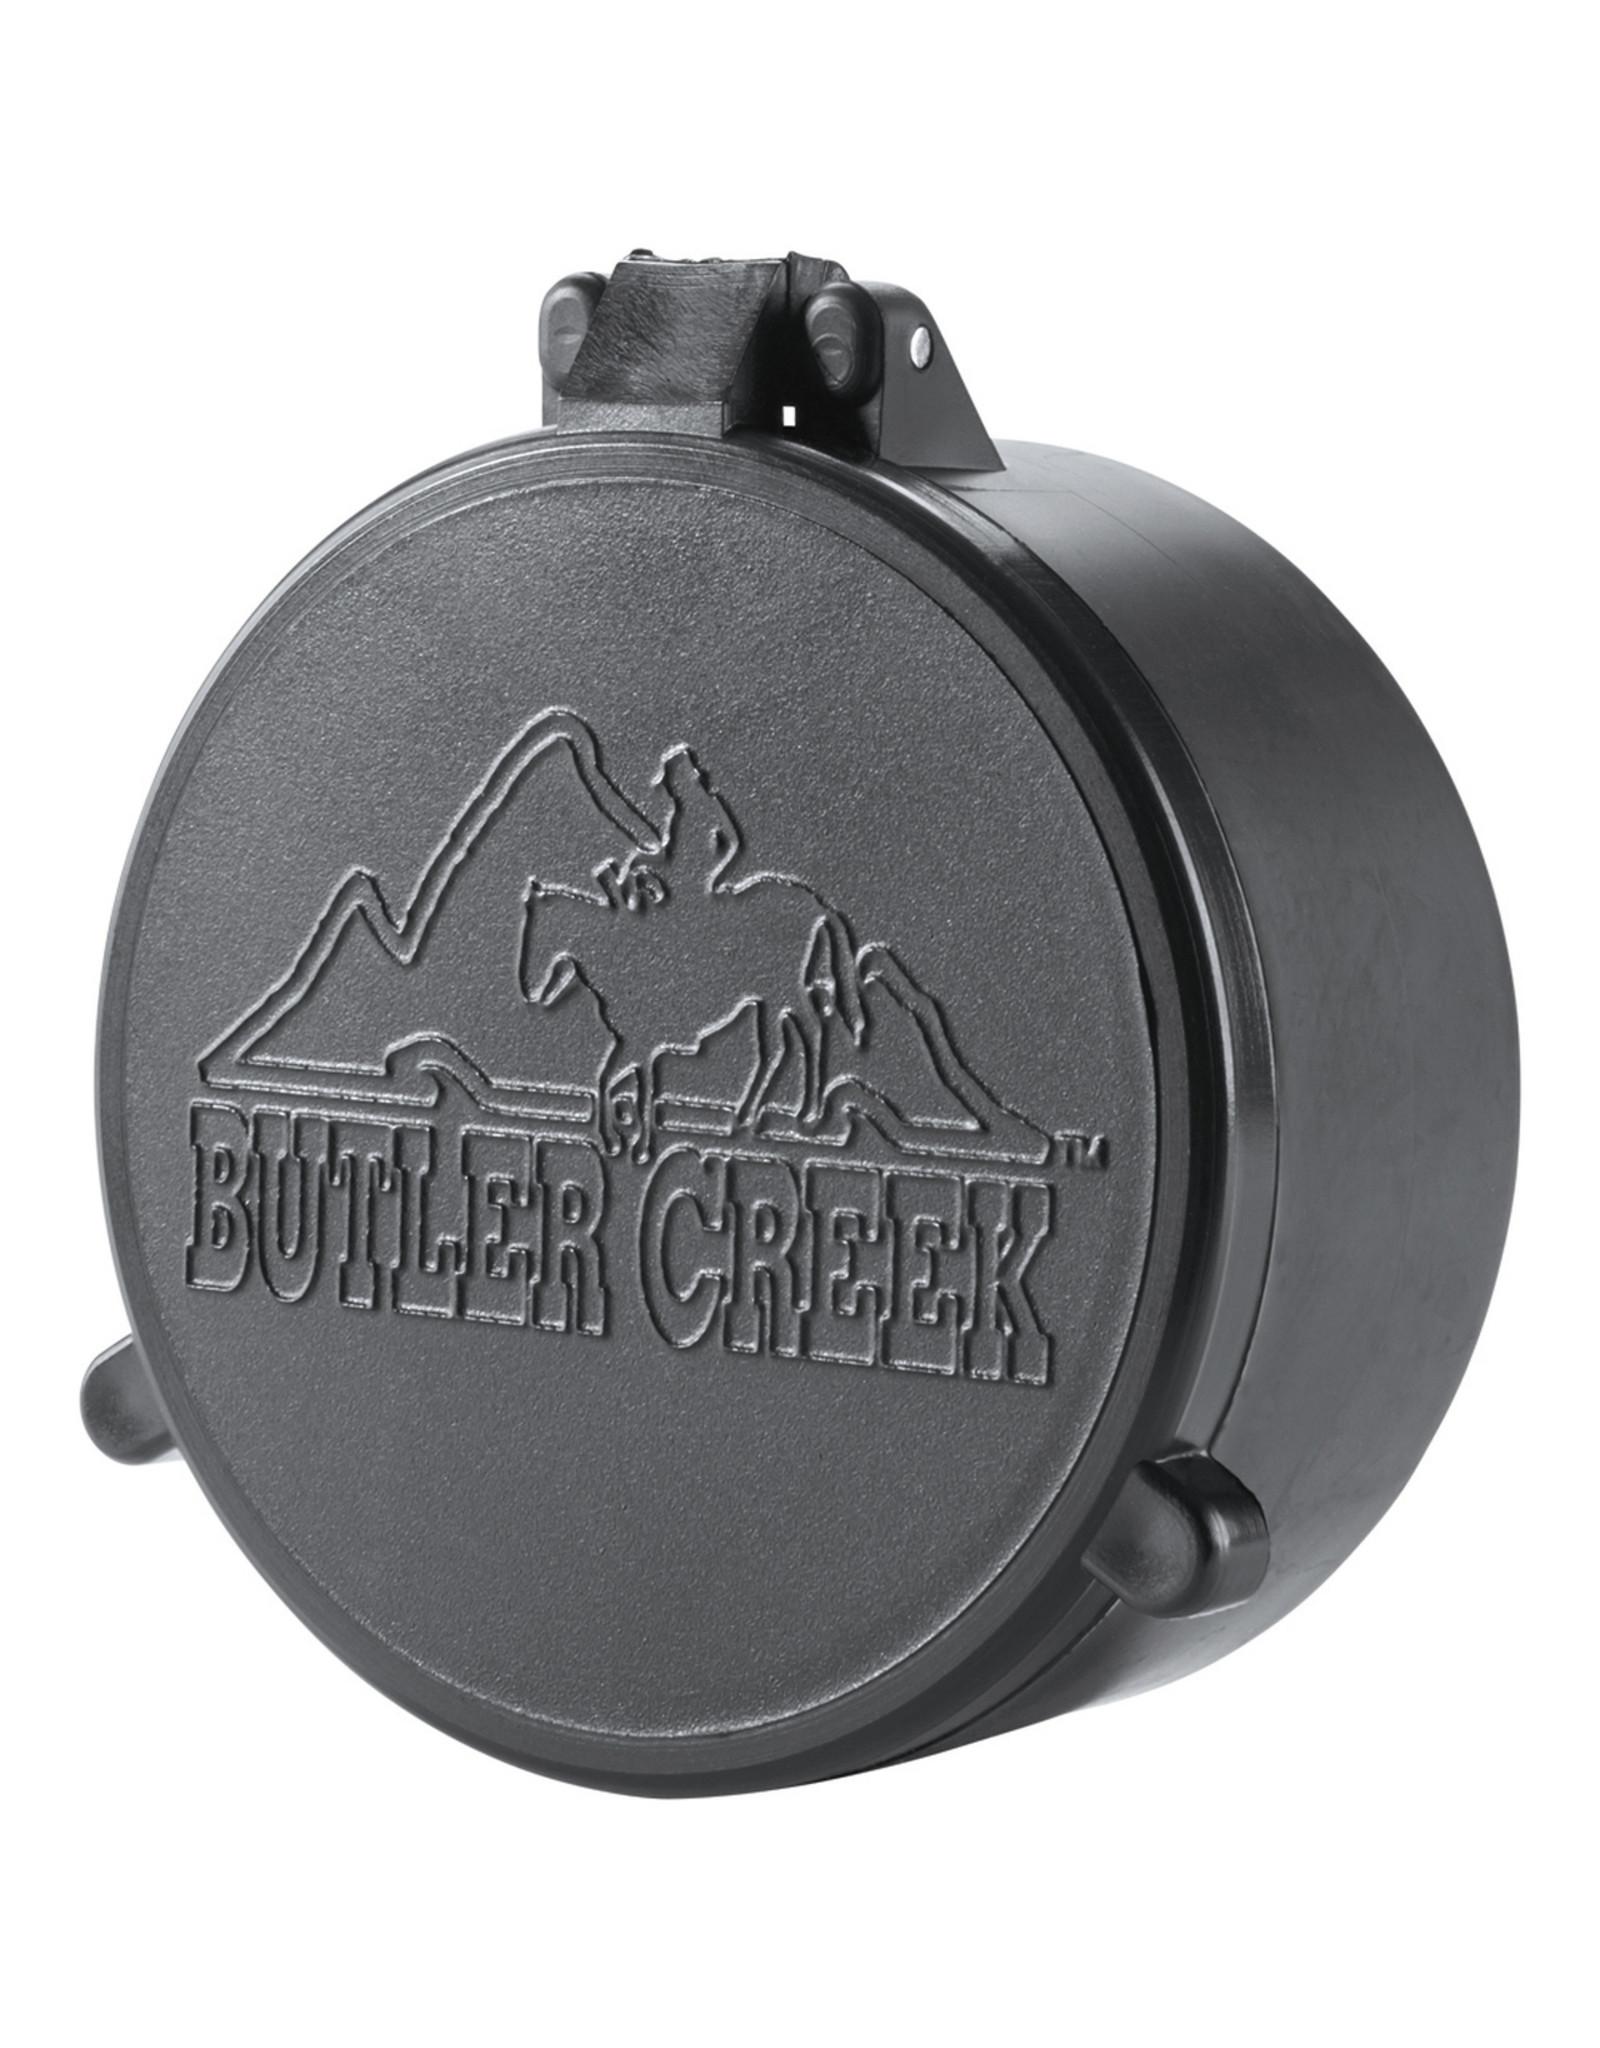 Butler Creek Butler Creek 13 EYE Scope Cover